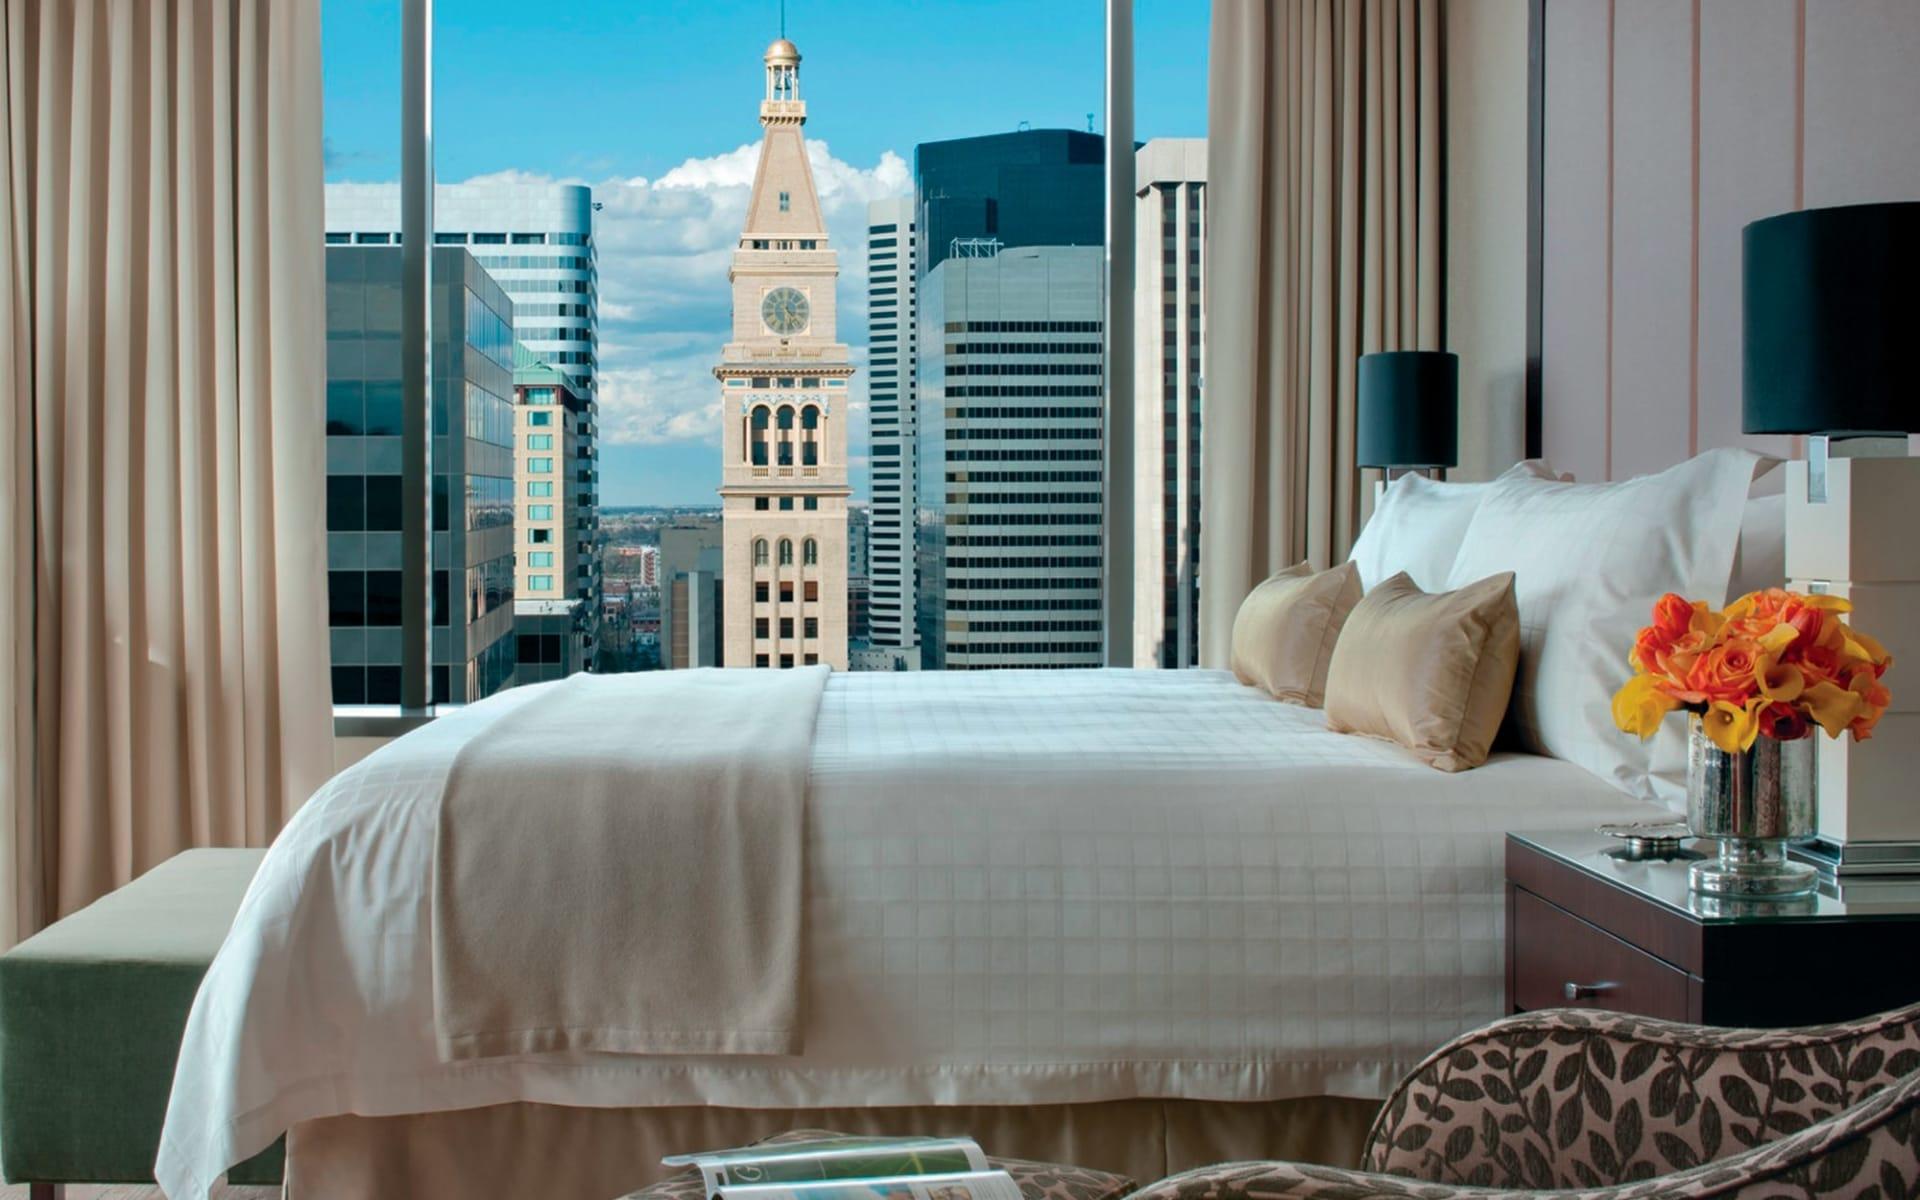 Four Seasons Hotel in Denver: zimmer four season hotel doppelzimmer aussicht stadt